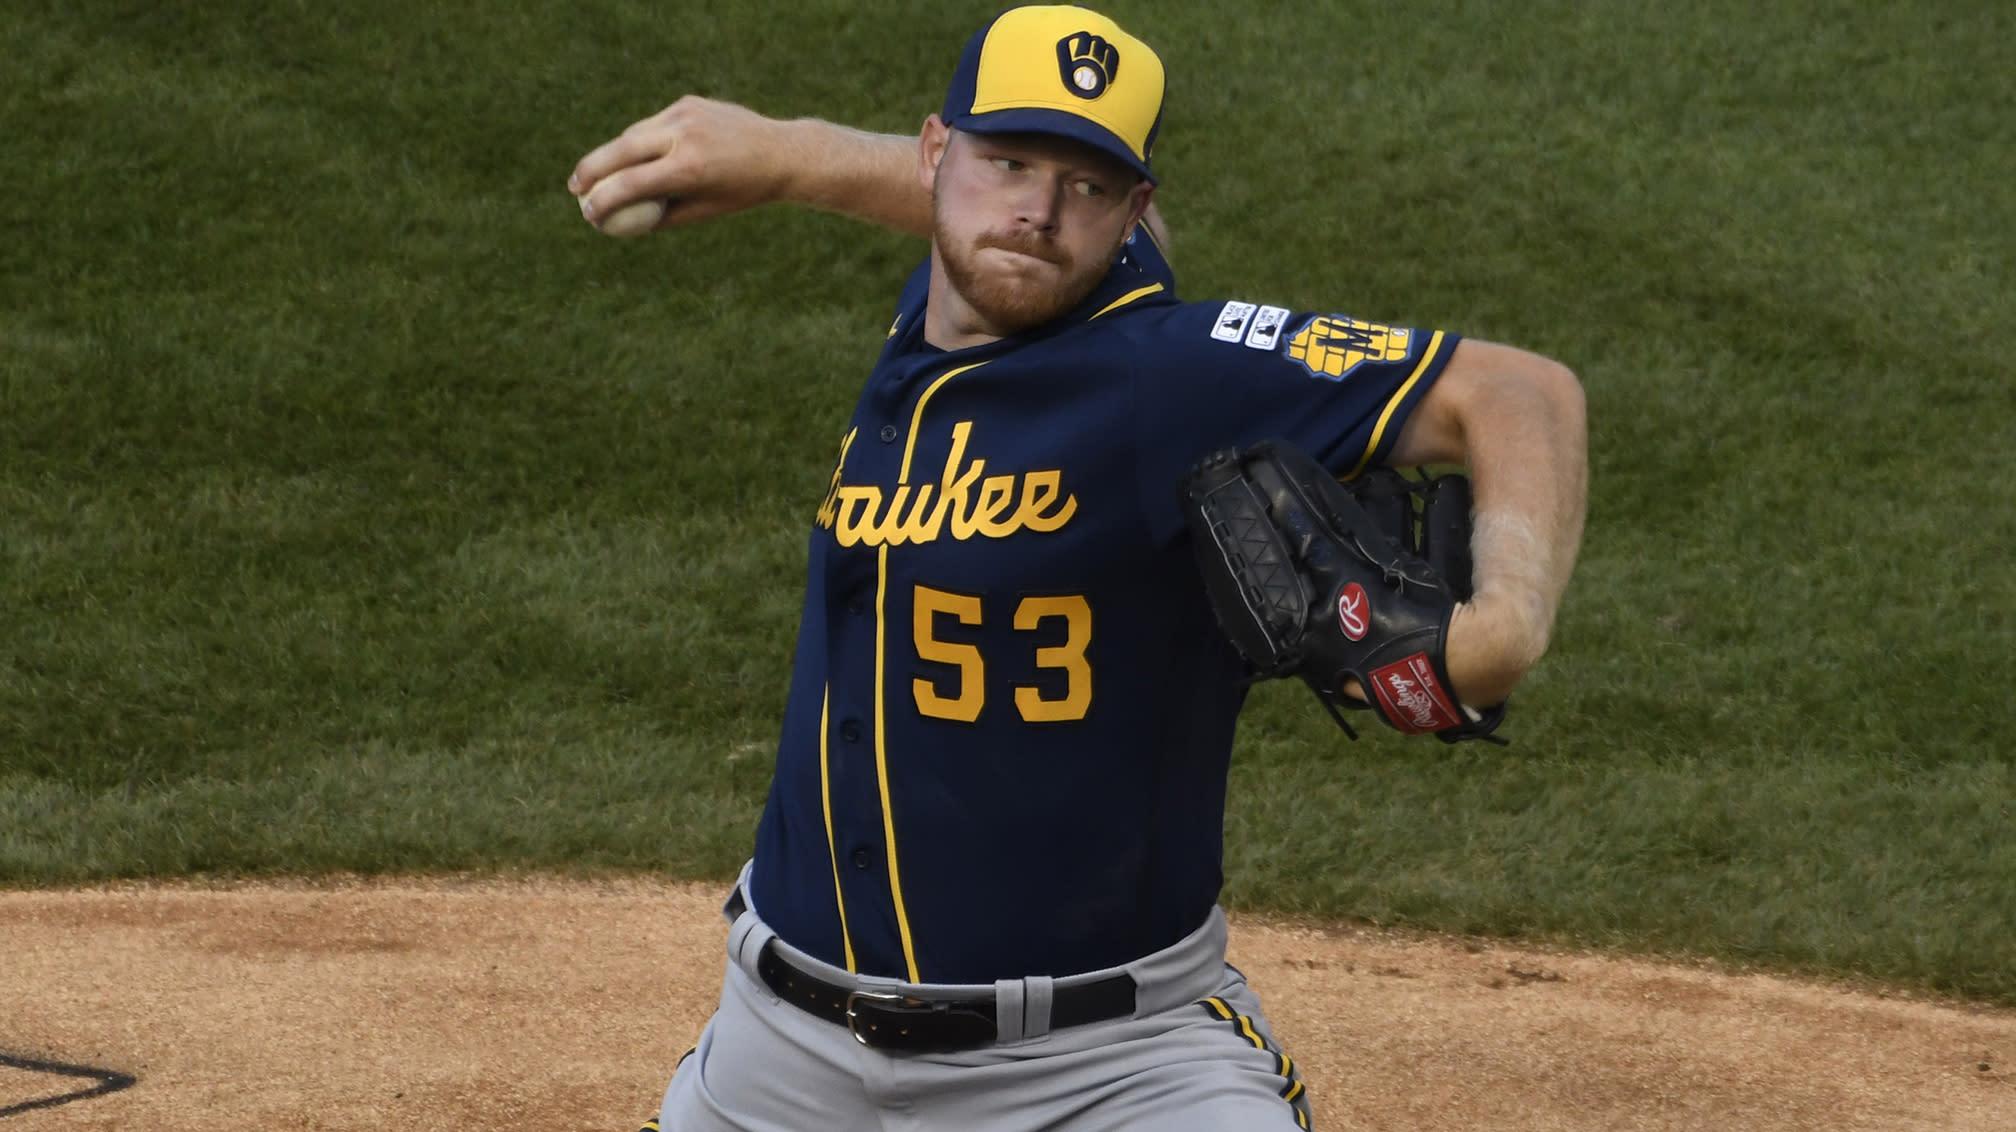 MLB market showing utmost respect for Woodruff